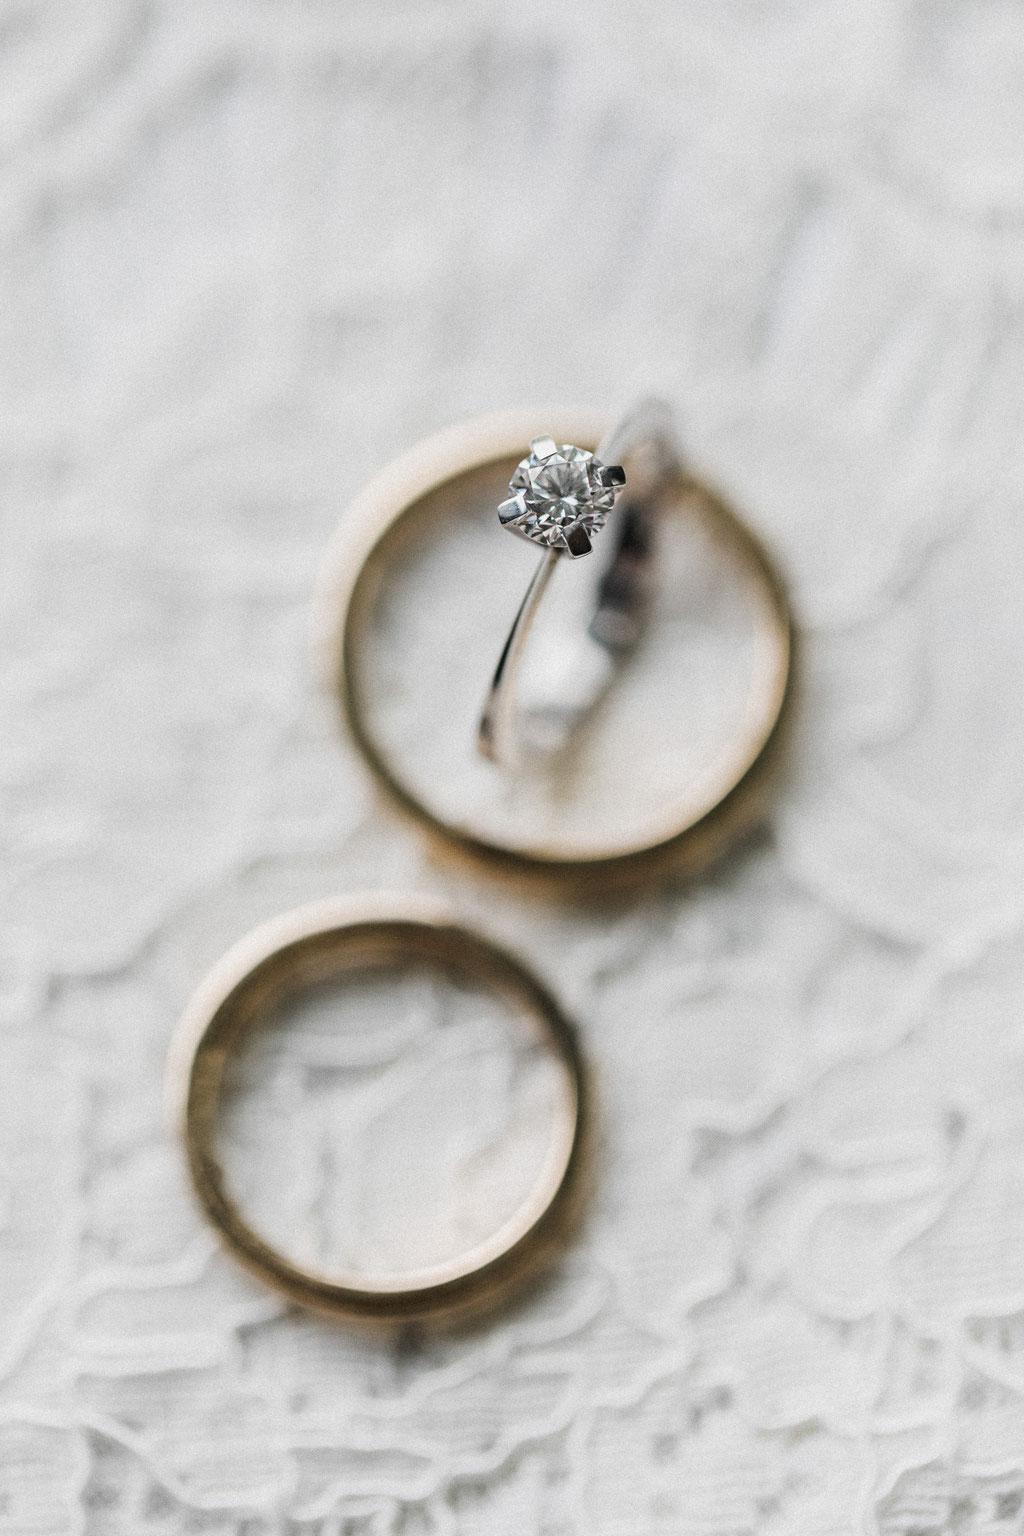 Eheringe und Verlobungsring, Foto von IvoryRosePhotography